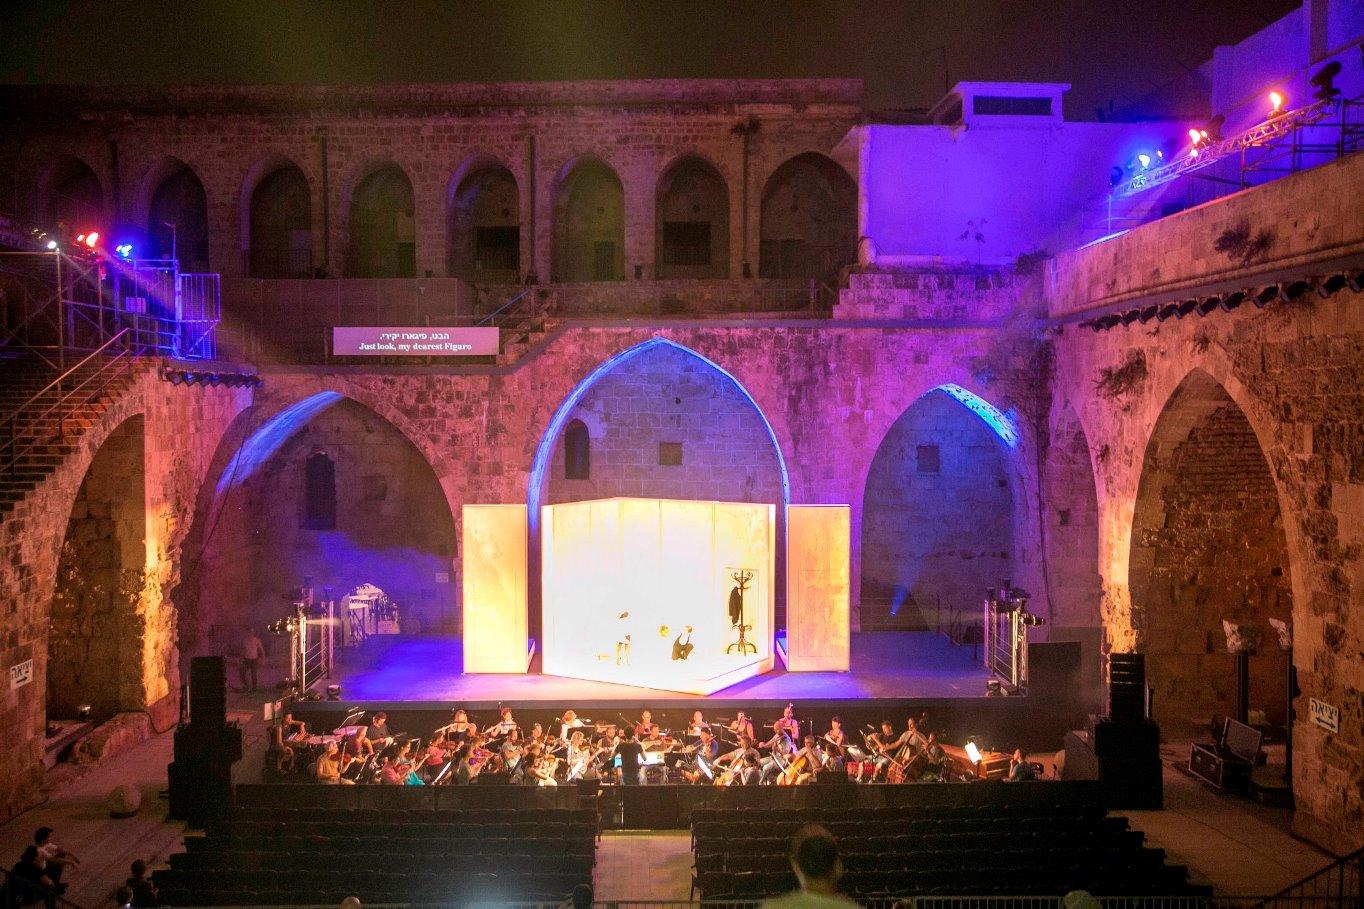 פסטיבל-האופרה-בעכו-2016-צלם-ניר-כפרי-2